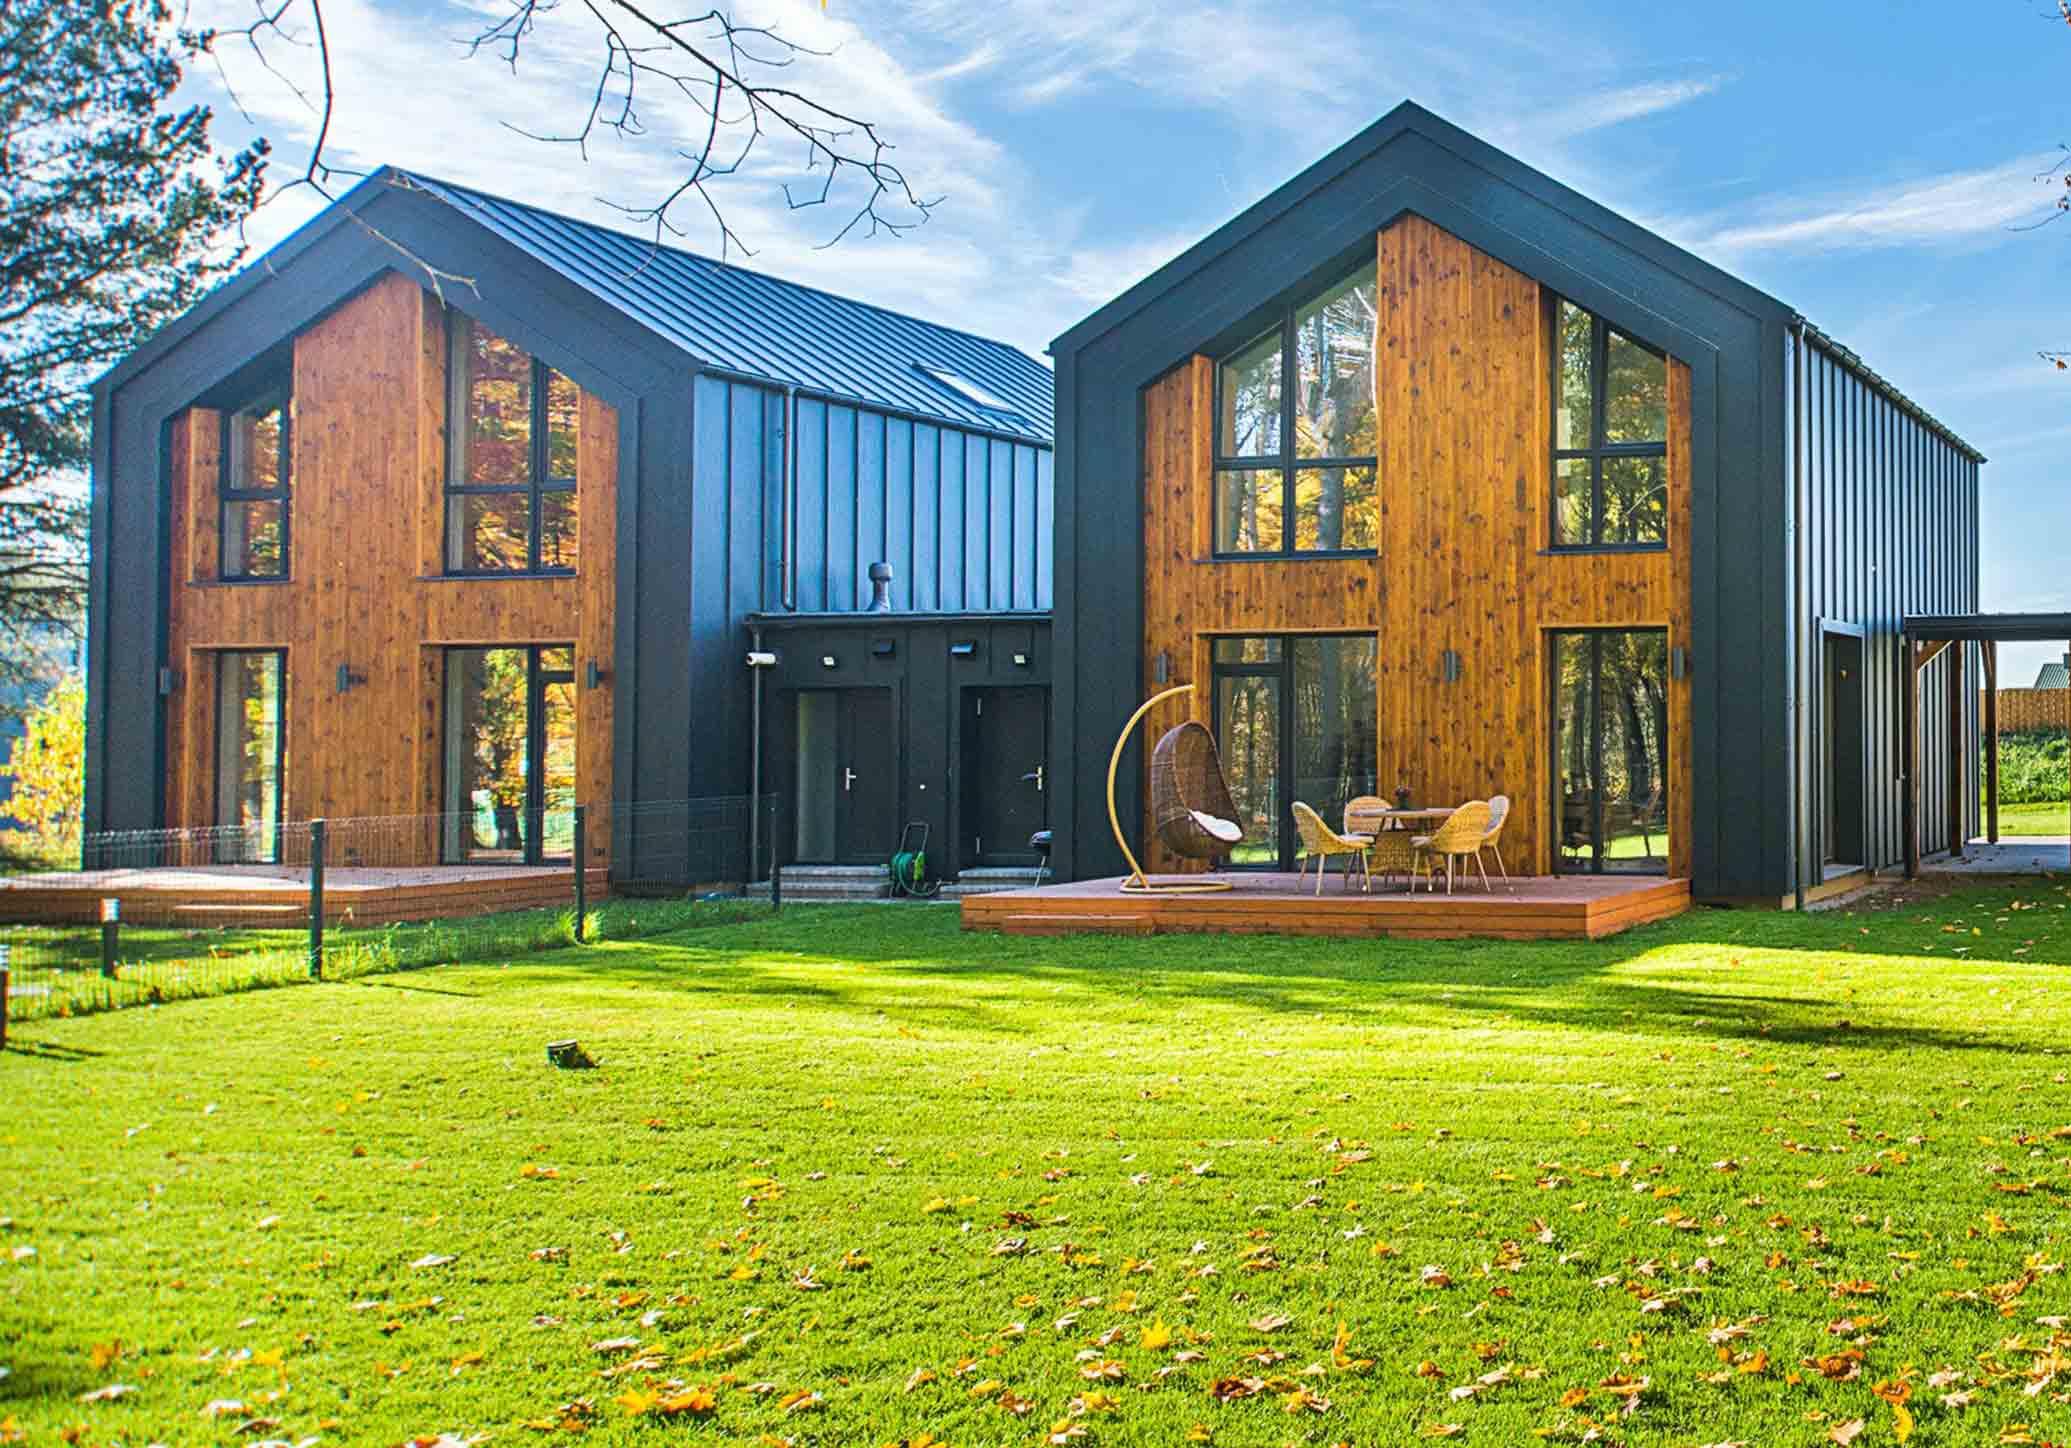 Que tipos de casas sustentáveis existem?